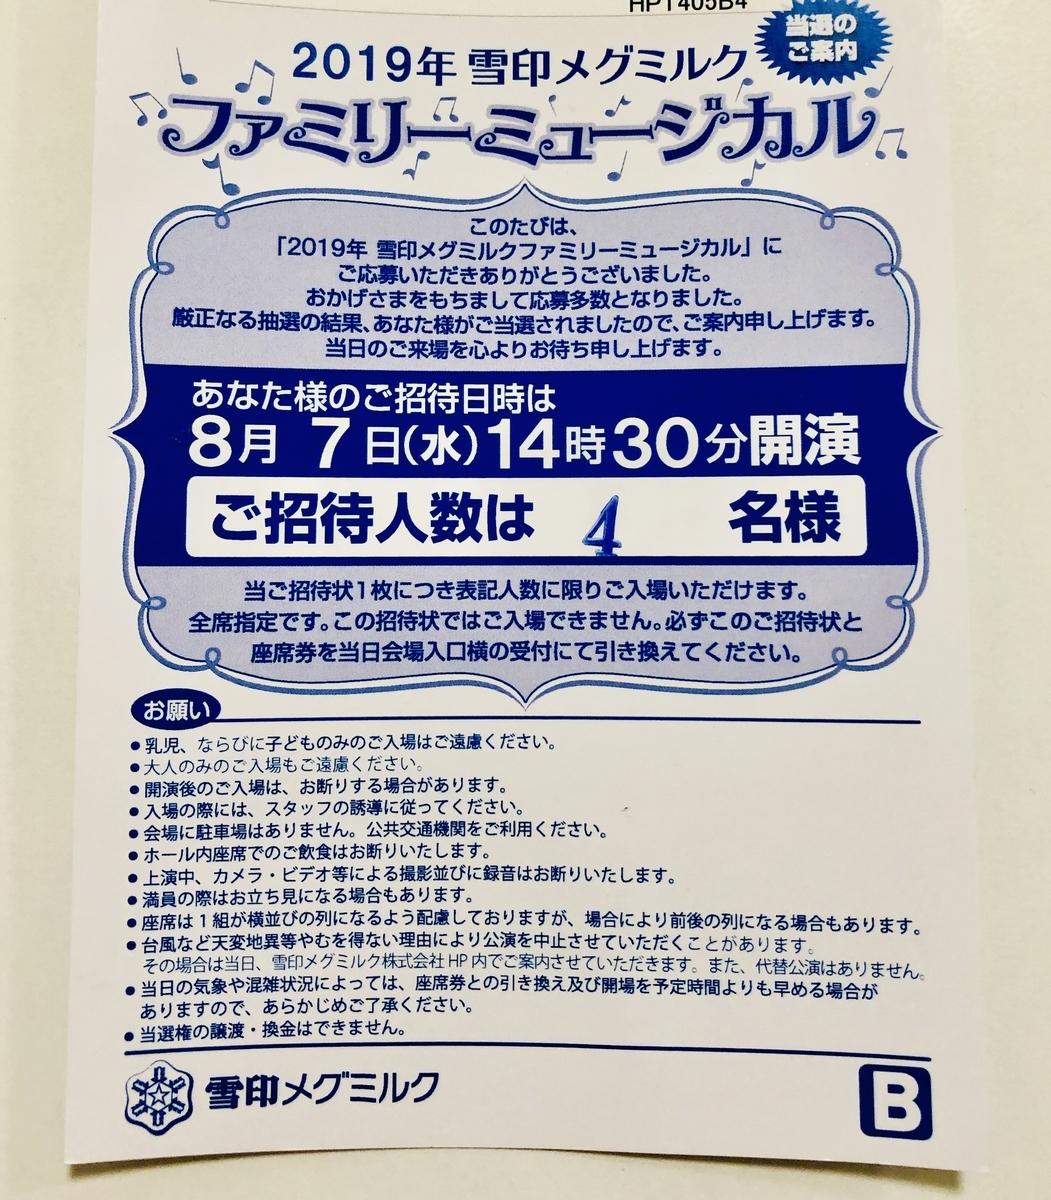 f:id:haruka_michi:20190715221345j:plain